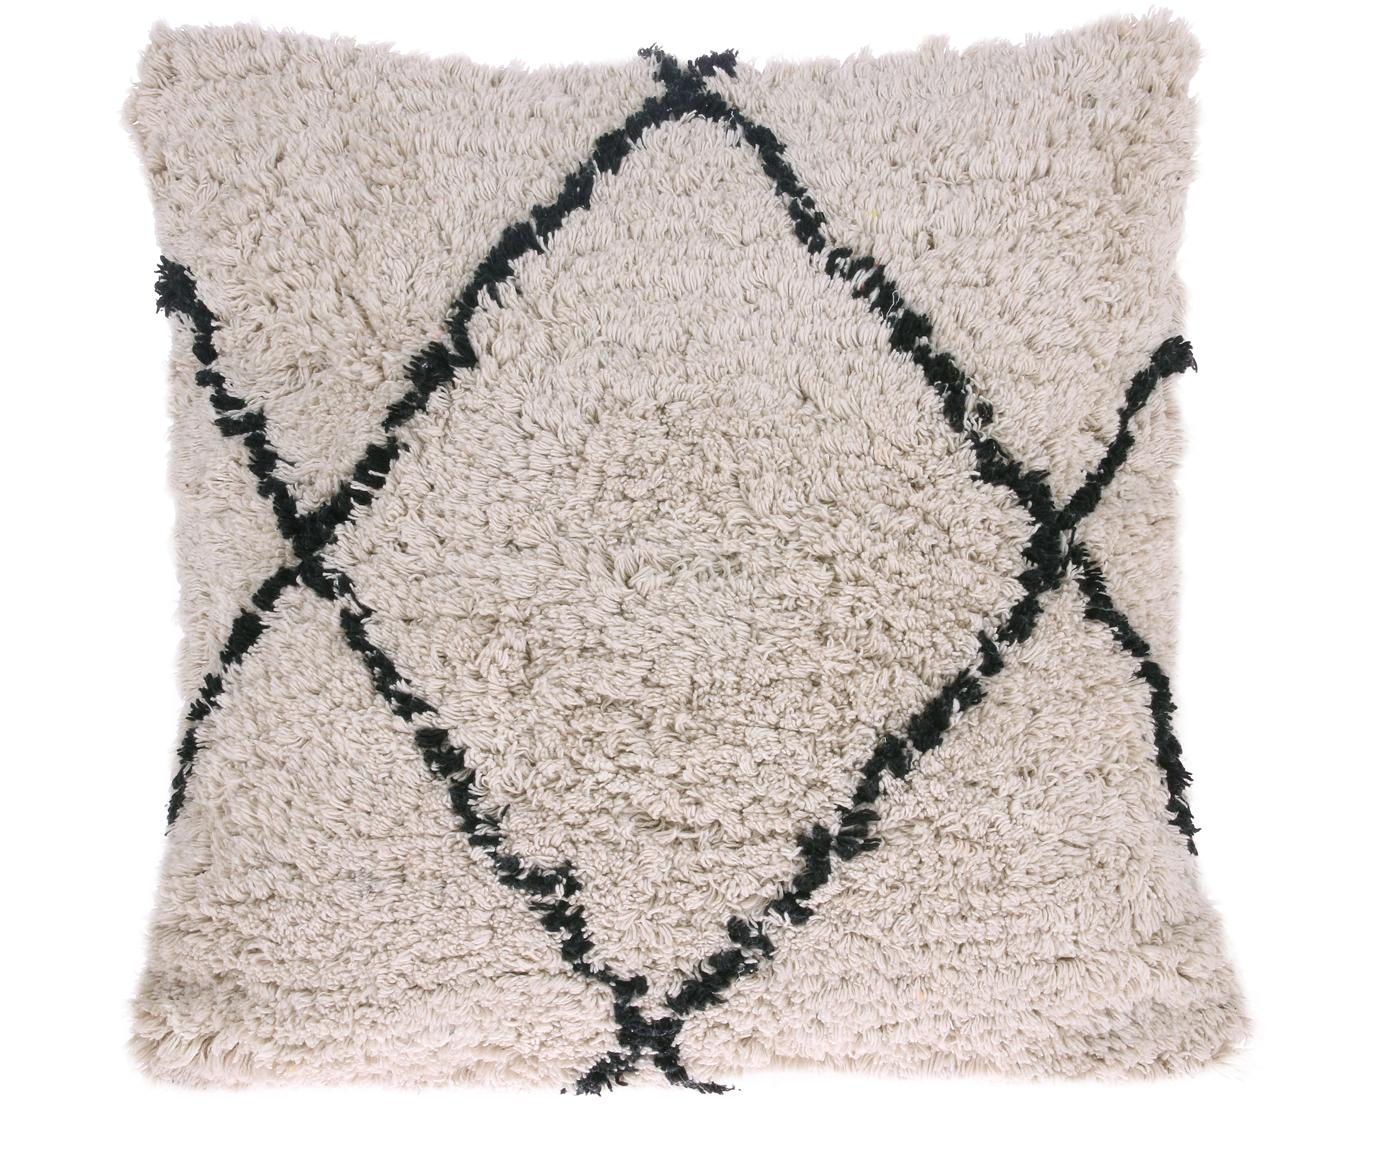 Kissen Diamond mit getufteter Oberfläche, mit Inlett, 100% Baumwolle, Gebrochenes Weiss, Schwarz, 50 x 50 cm